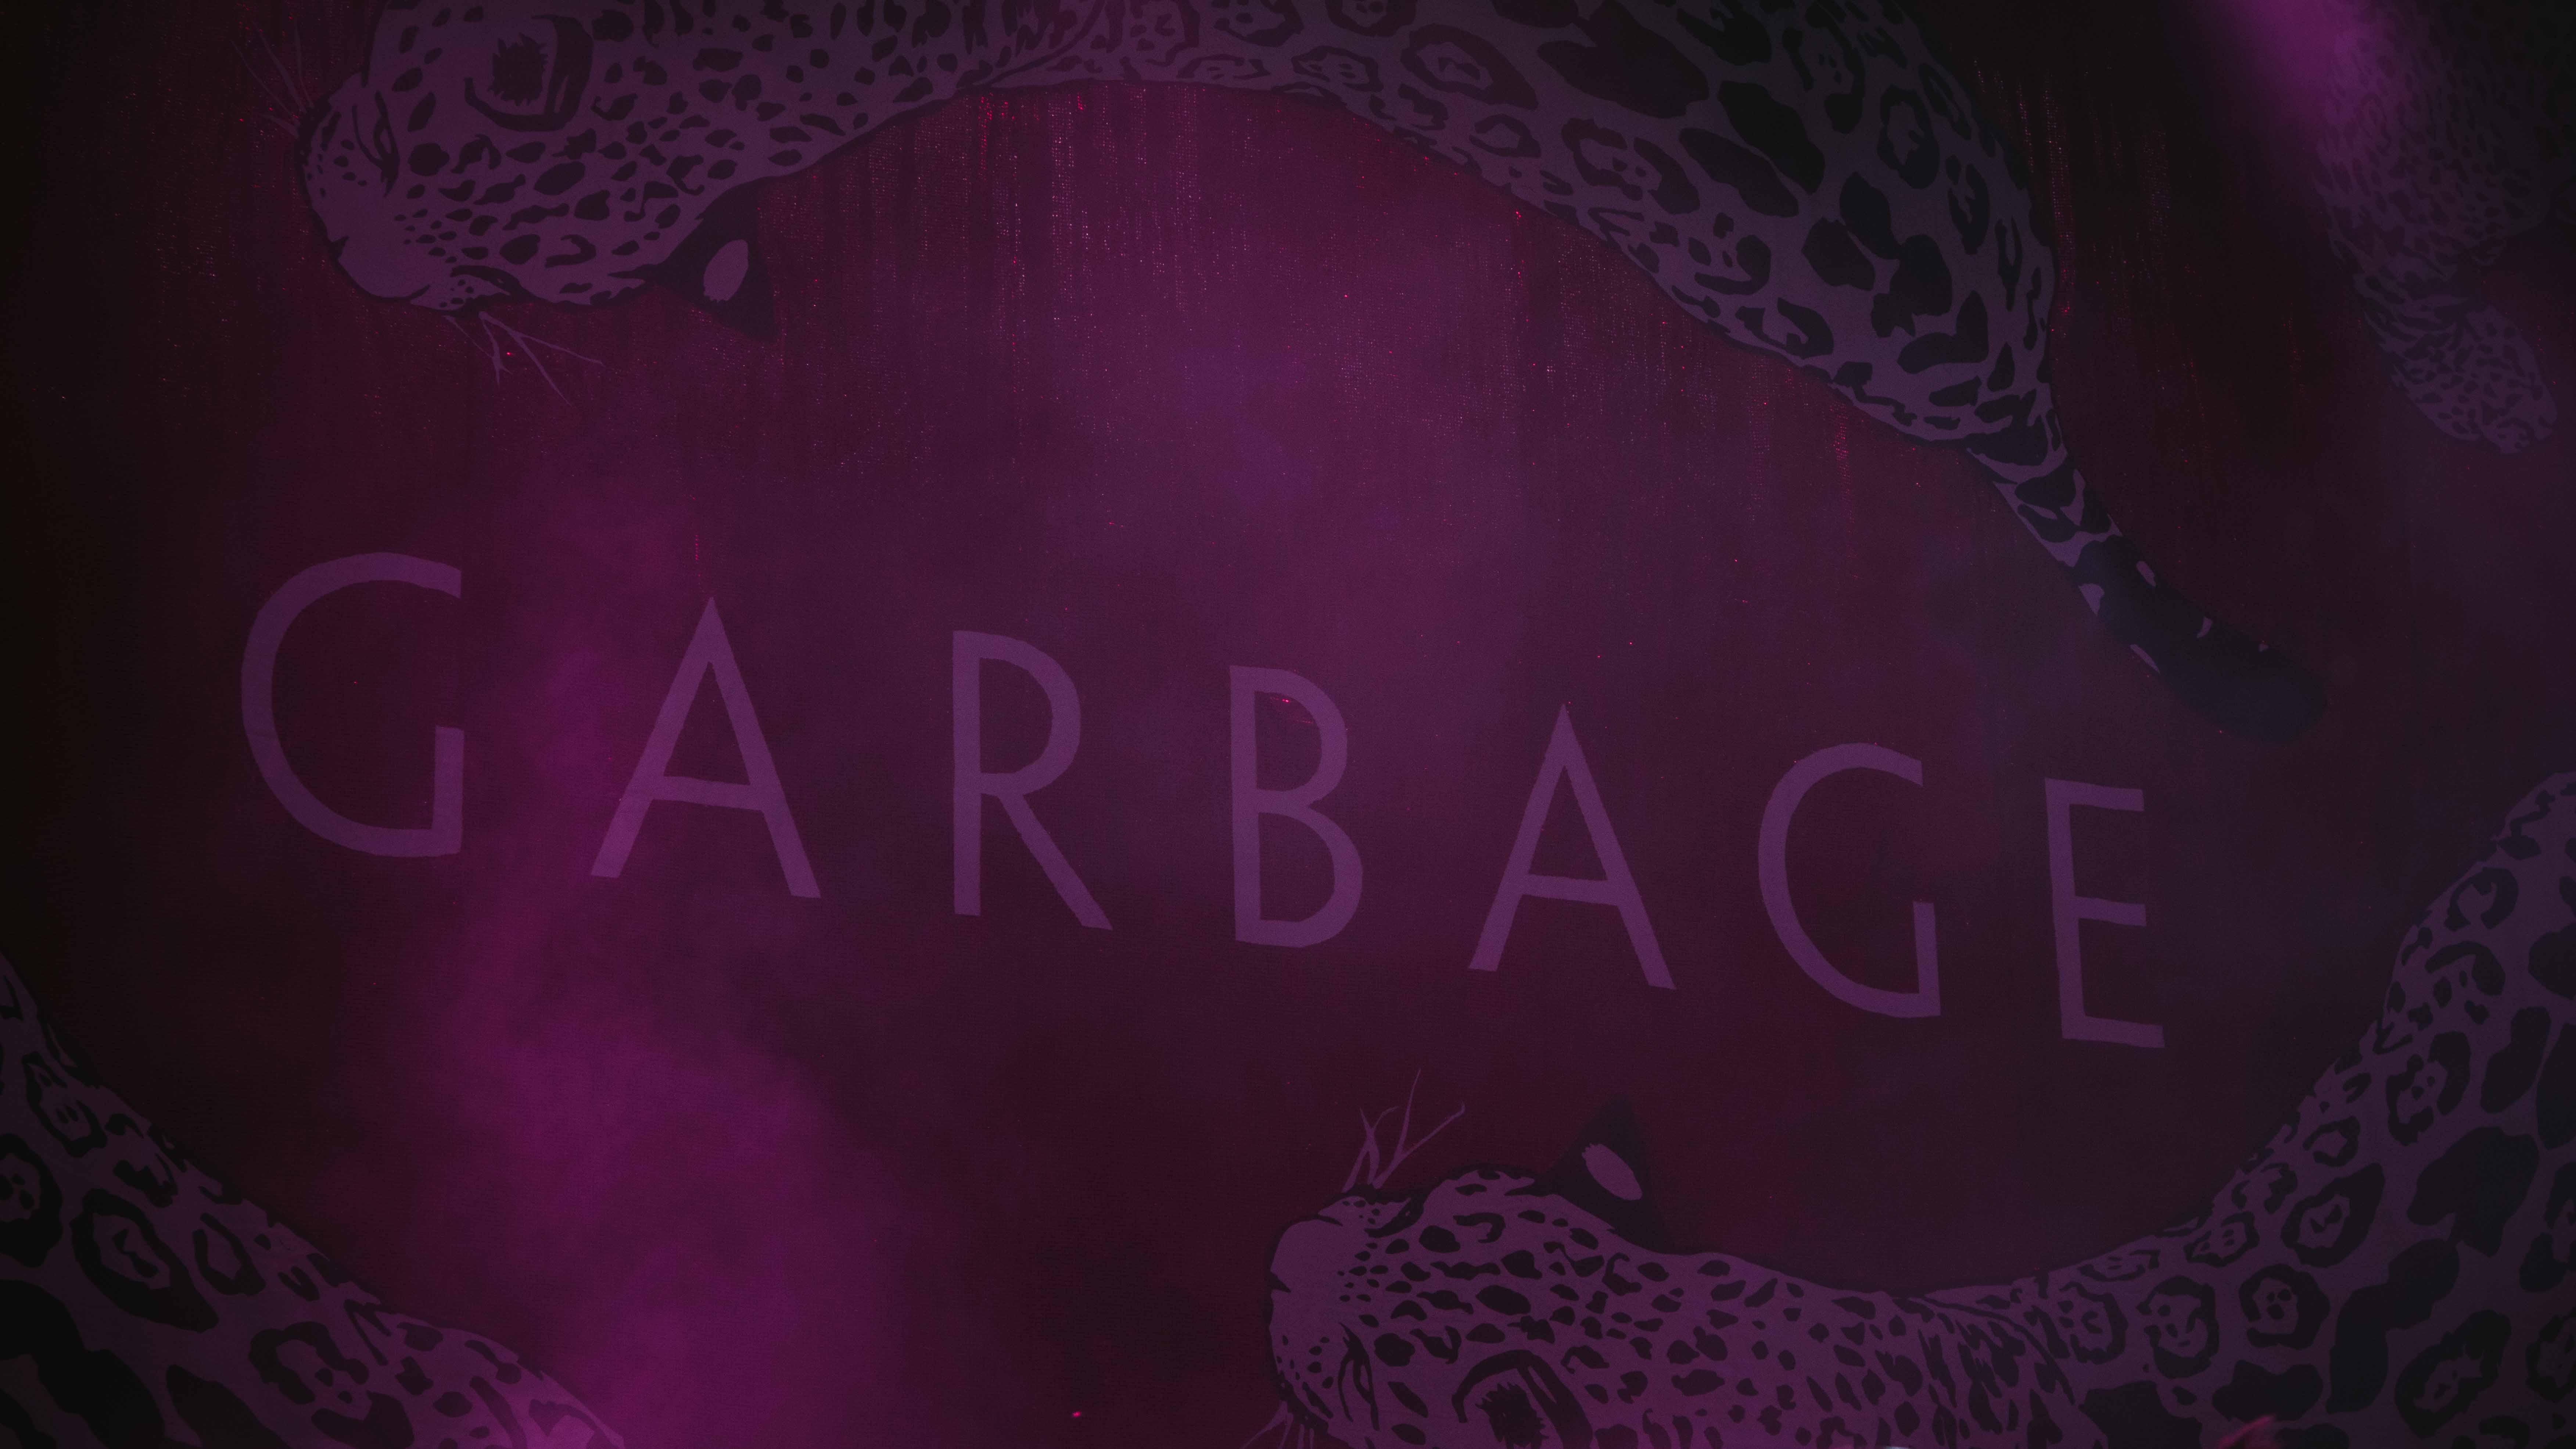 garbage-9